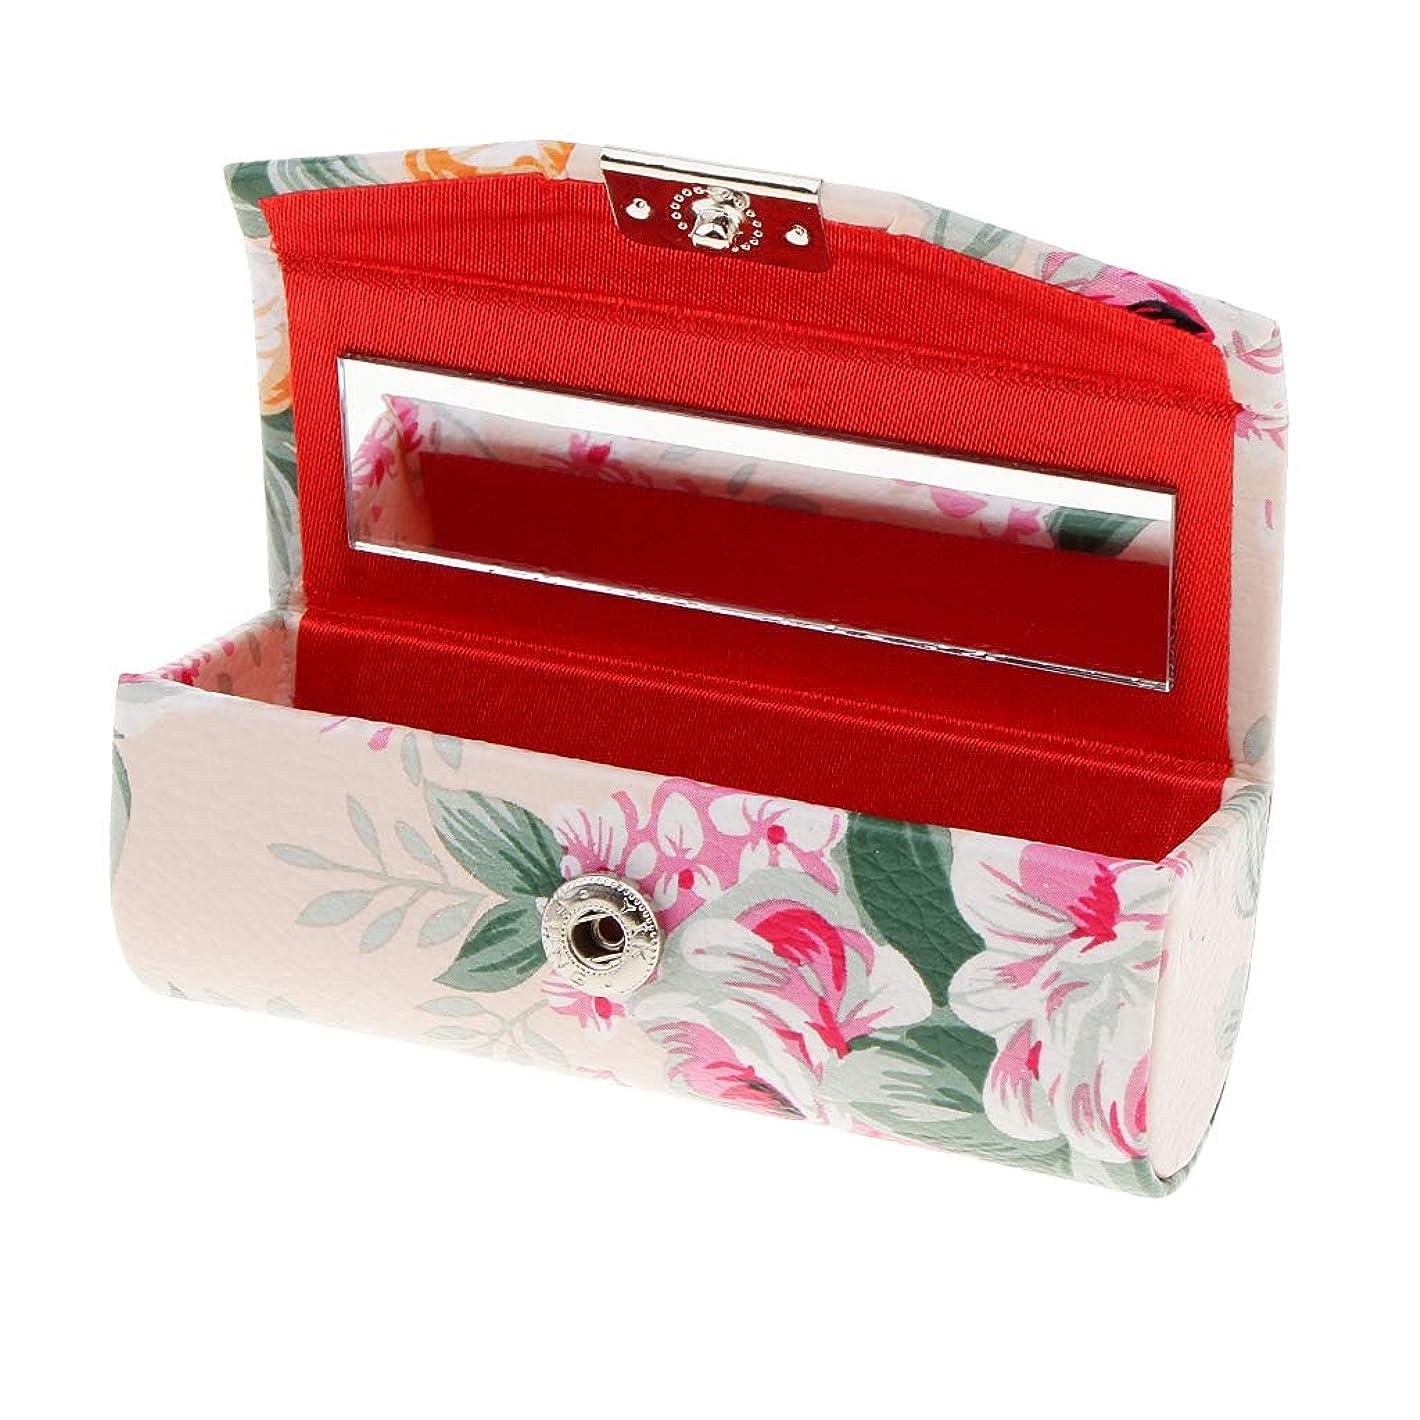 それに応じて支配的恩恵KESOTO リップスティックケース ミラー付き 革製 宝石 メイクアップ 口紅 メイクアップ 収納ホルダー  5色選べ - ベージュ